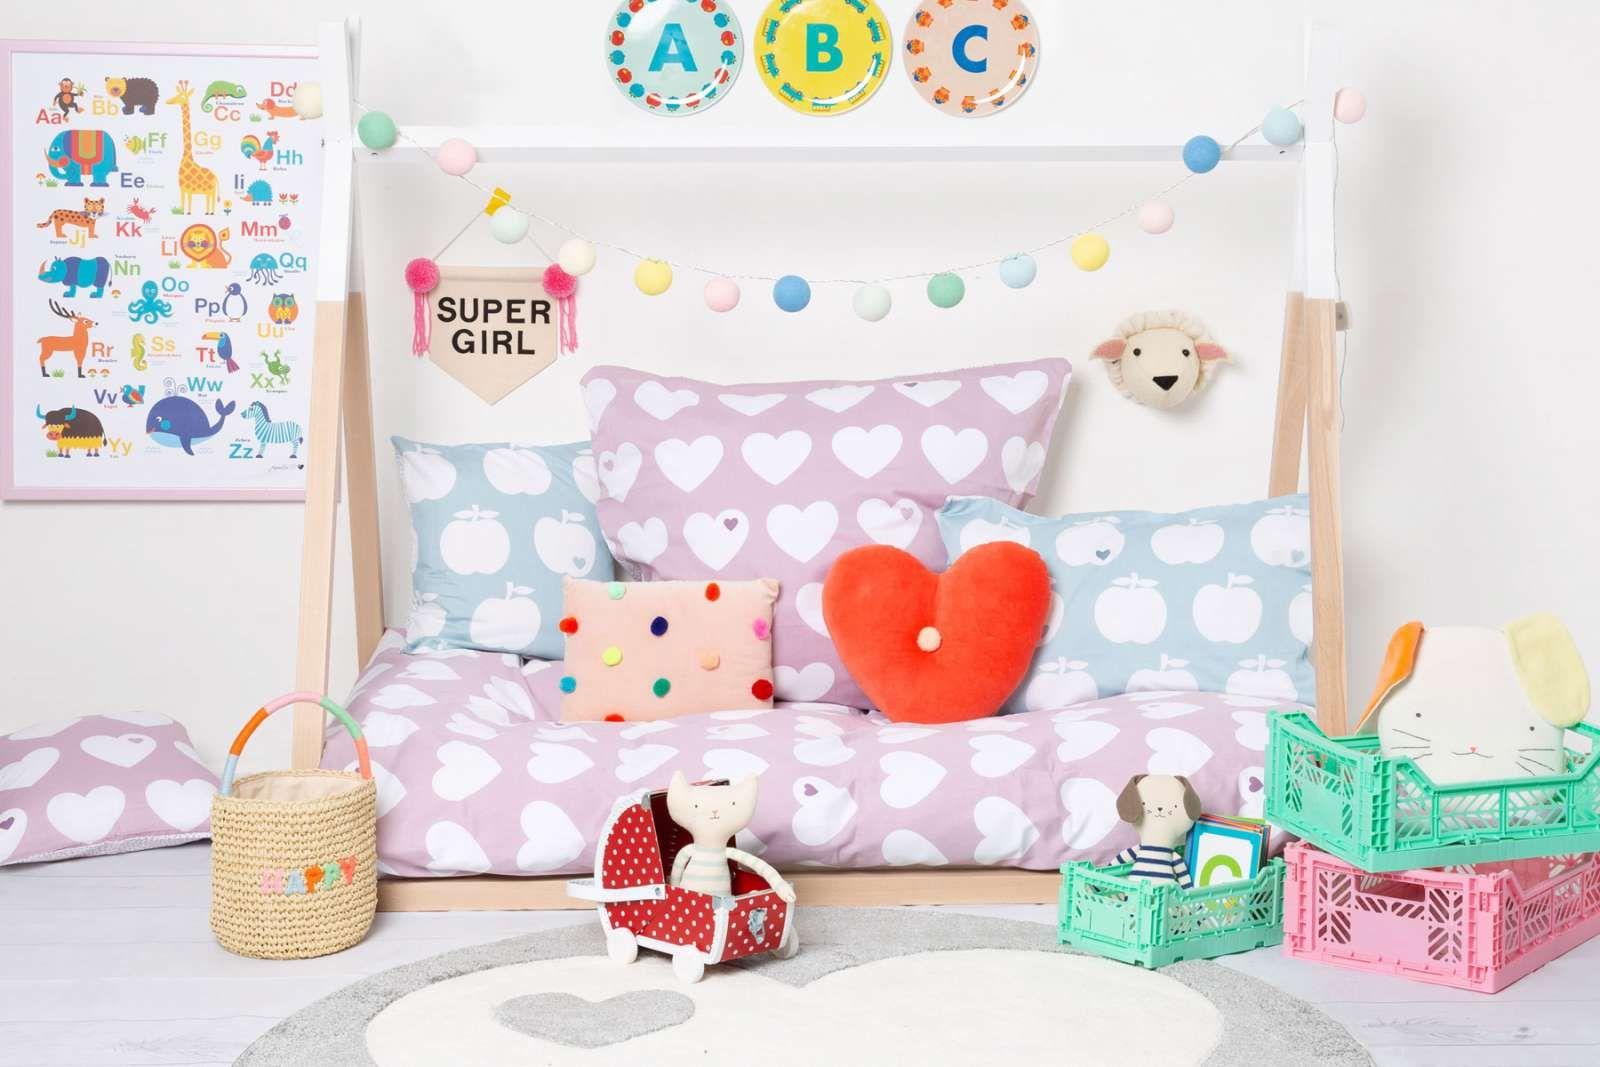 Kinderzimmer für Mädchen einrichten mit vielen